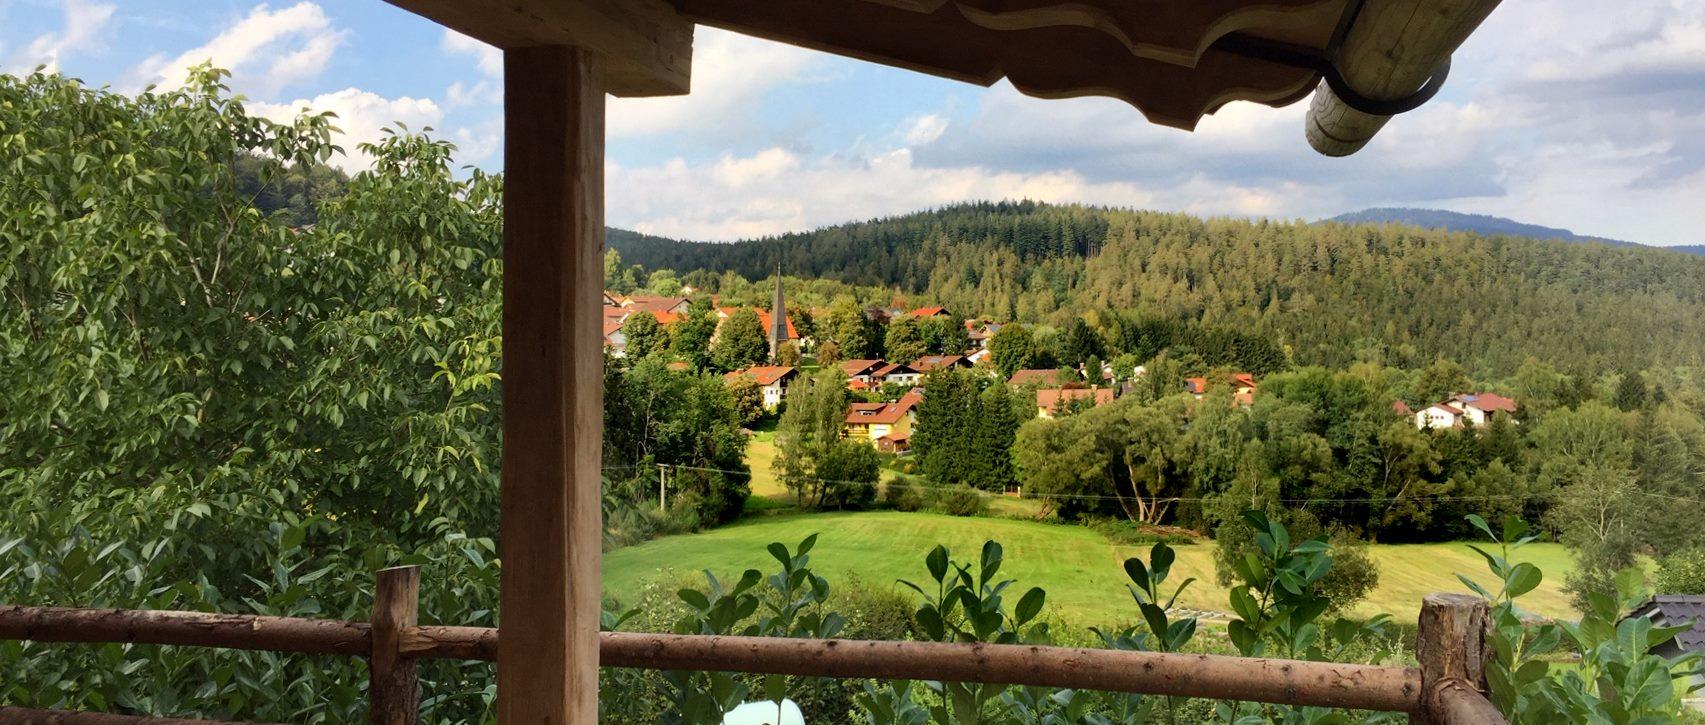 frisch-zwiesel-luxus-chalets-bayerischer-wald-holzferienhaus-balkon-aussicht-1600